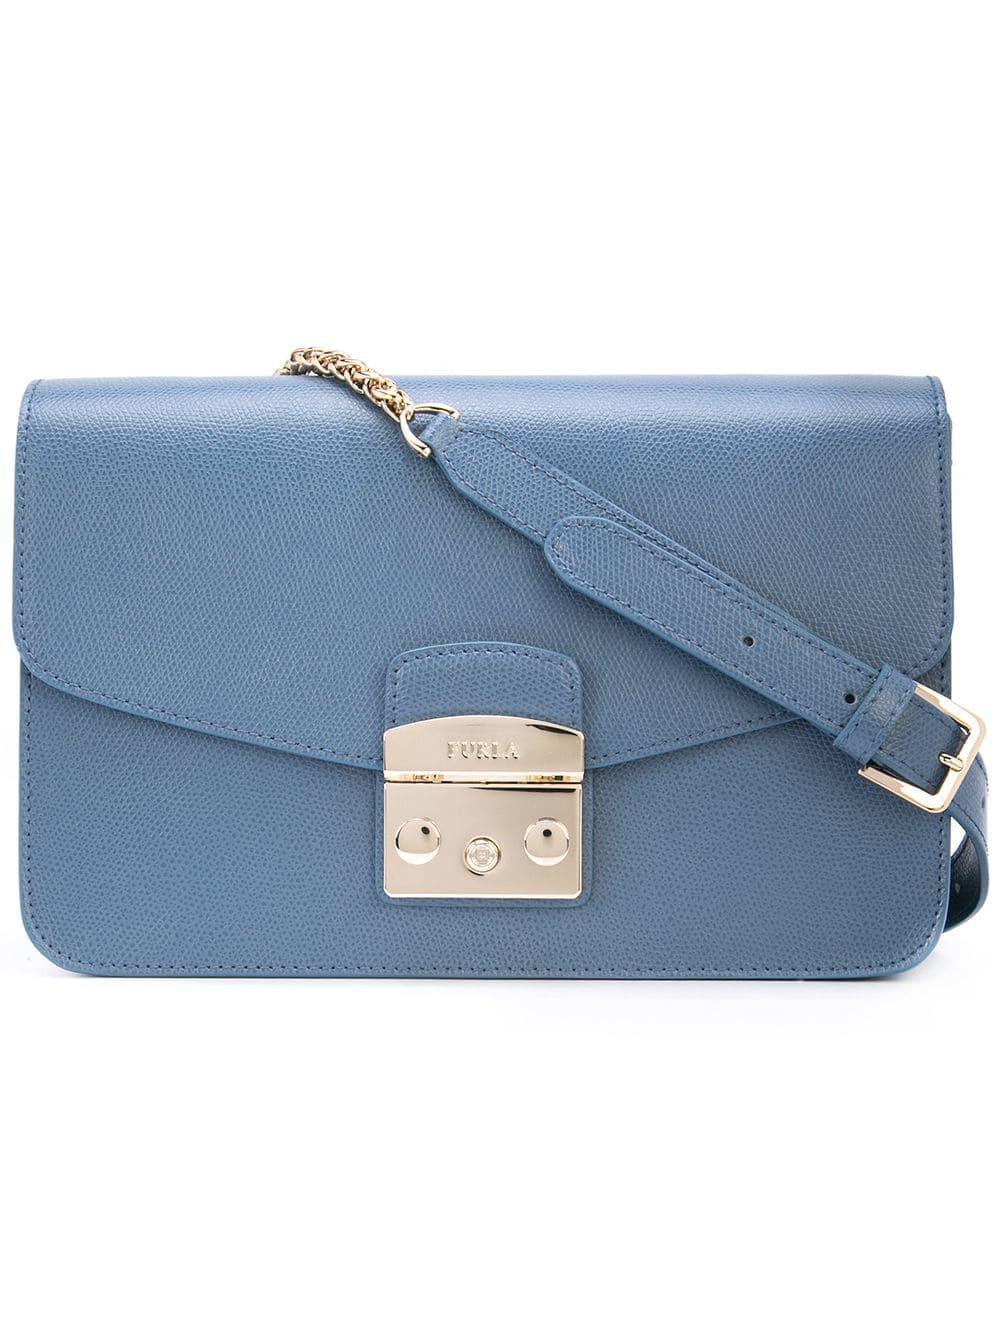 c8c9113c82dd Furla Metropolis Shoulder Bag - Blue